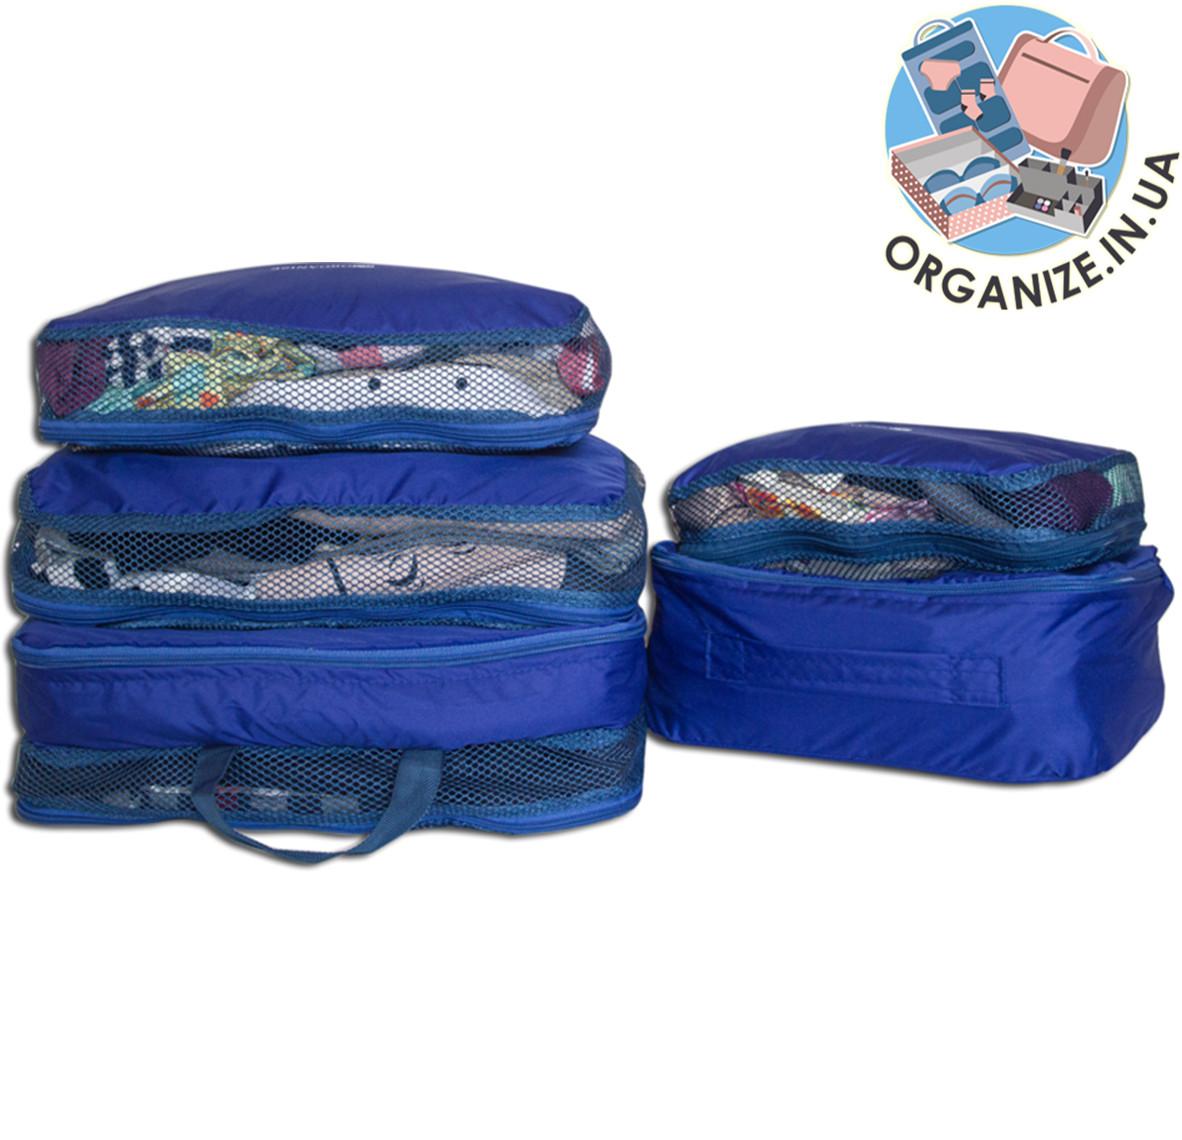 Органайзери для речей для подорожей 5 шт ORGANIZE (синій)